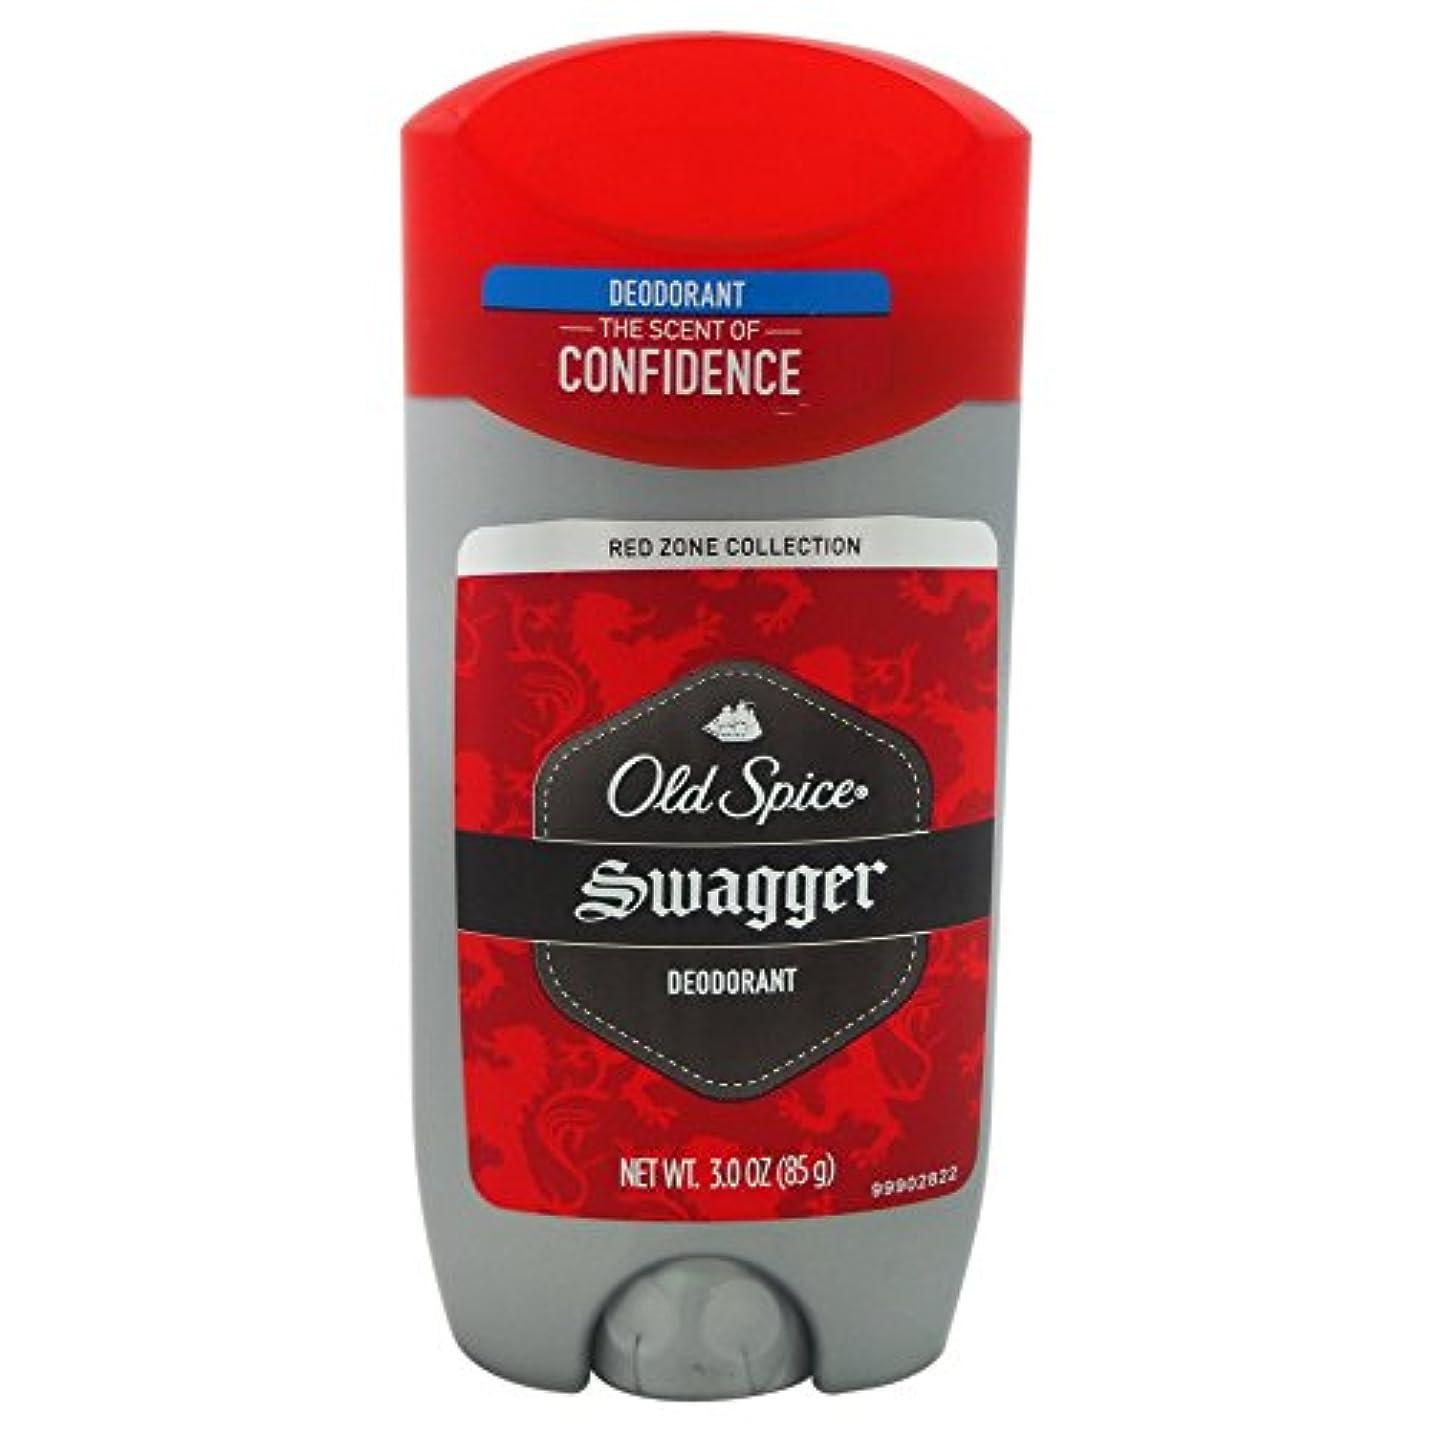 経過確率電気陽性オールドスパイス(Old Spice) RED ZONE COLLECTION スワッガー デオドラント 85g[並行輸入品]